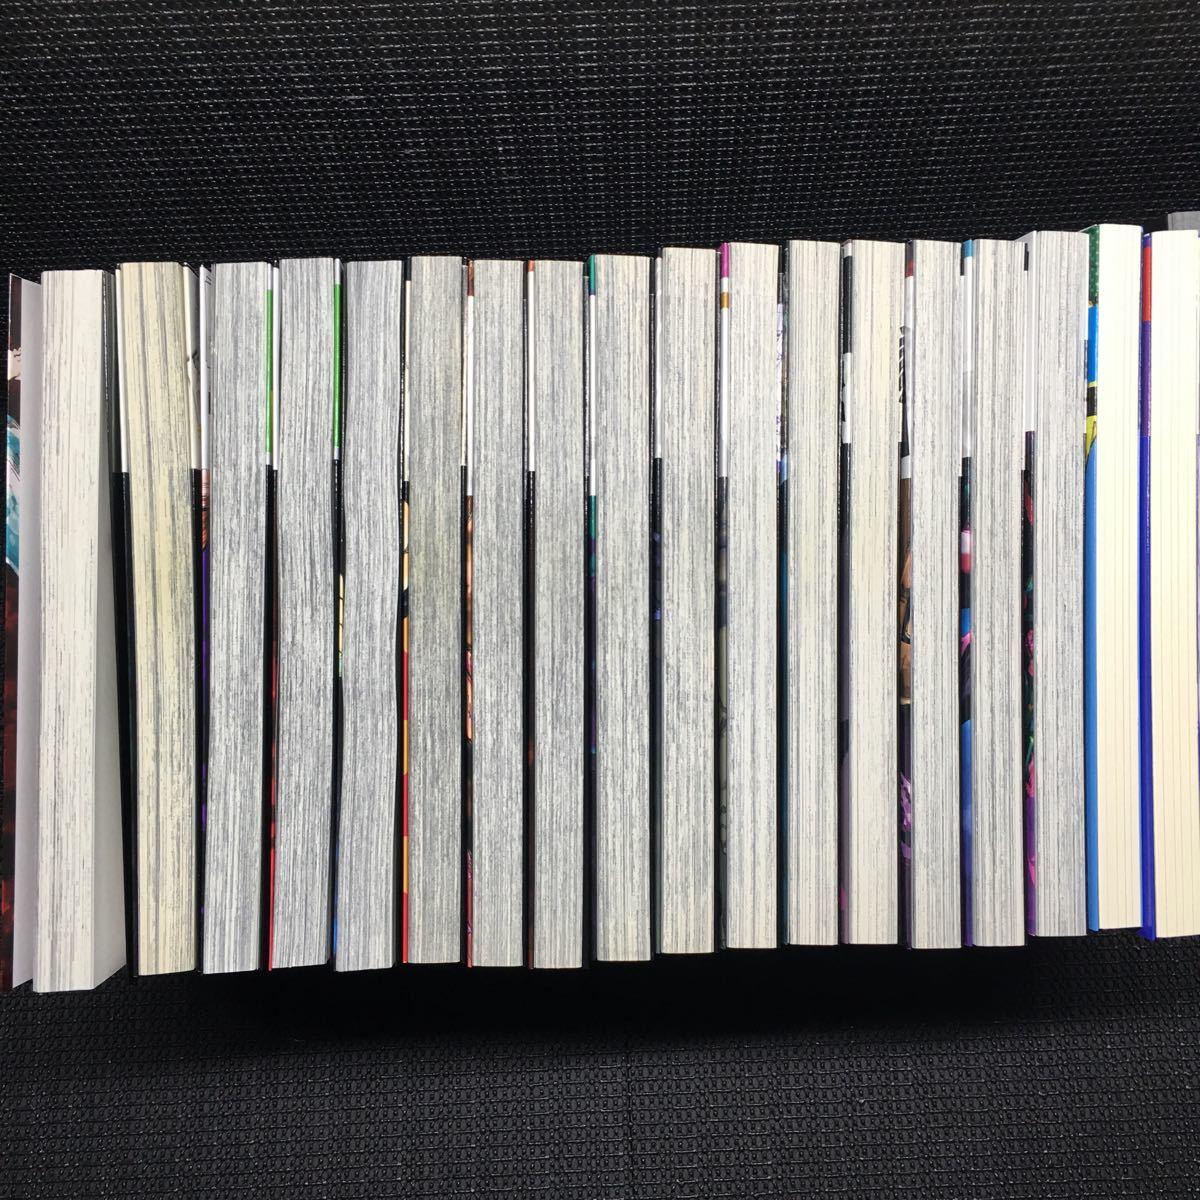 呪術廻戦 0~15巻セット 小説版1~2巻セット 公式ファンブック 19冊セット 刷数:23,2,25,22,22,1,1,1,1,1,1,1,1,1,1,1-12,11-2 芥見下々_画像5